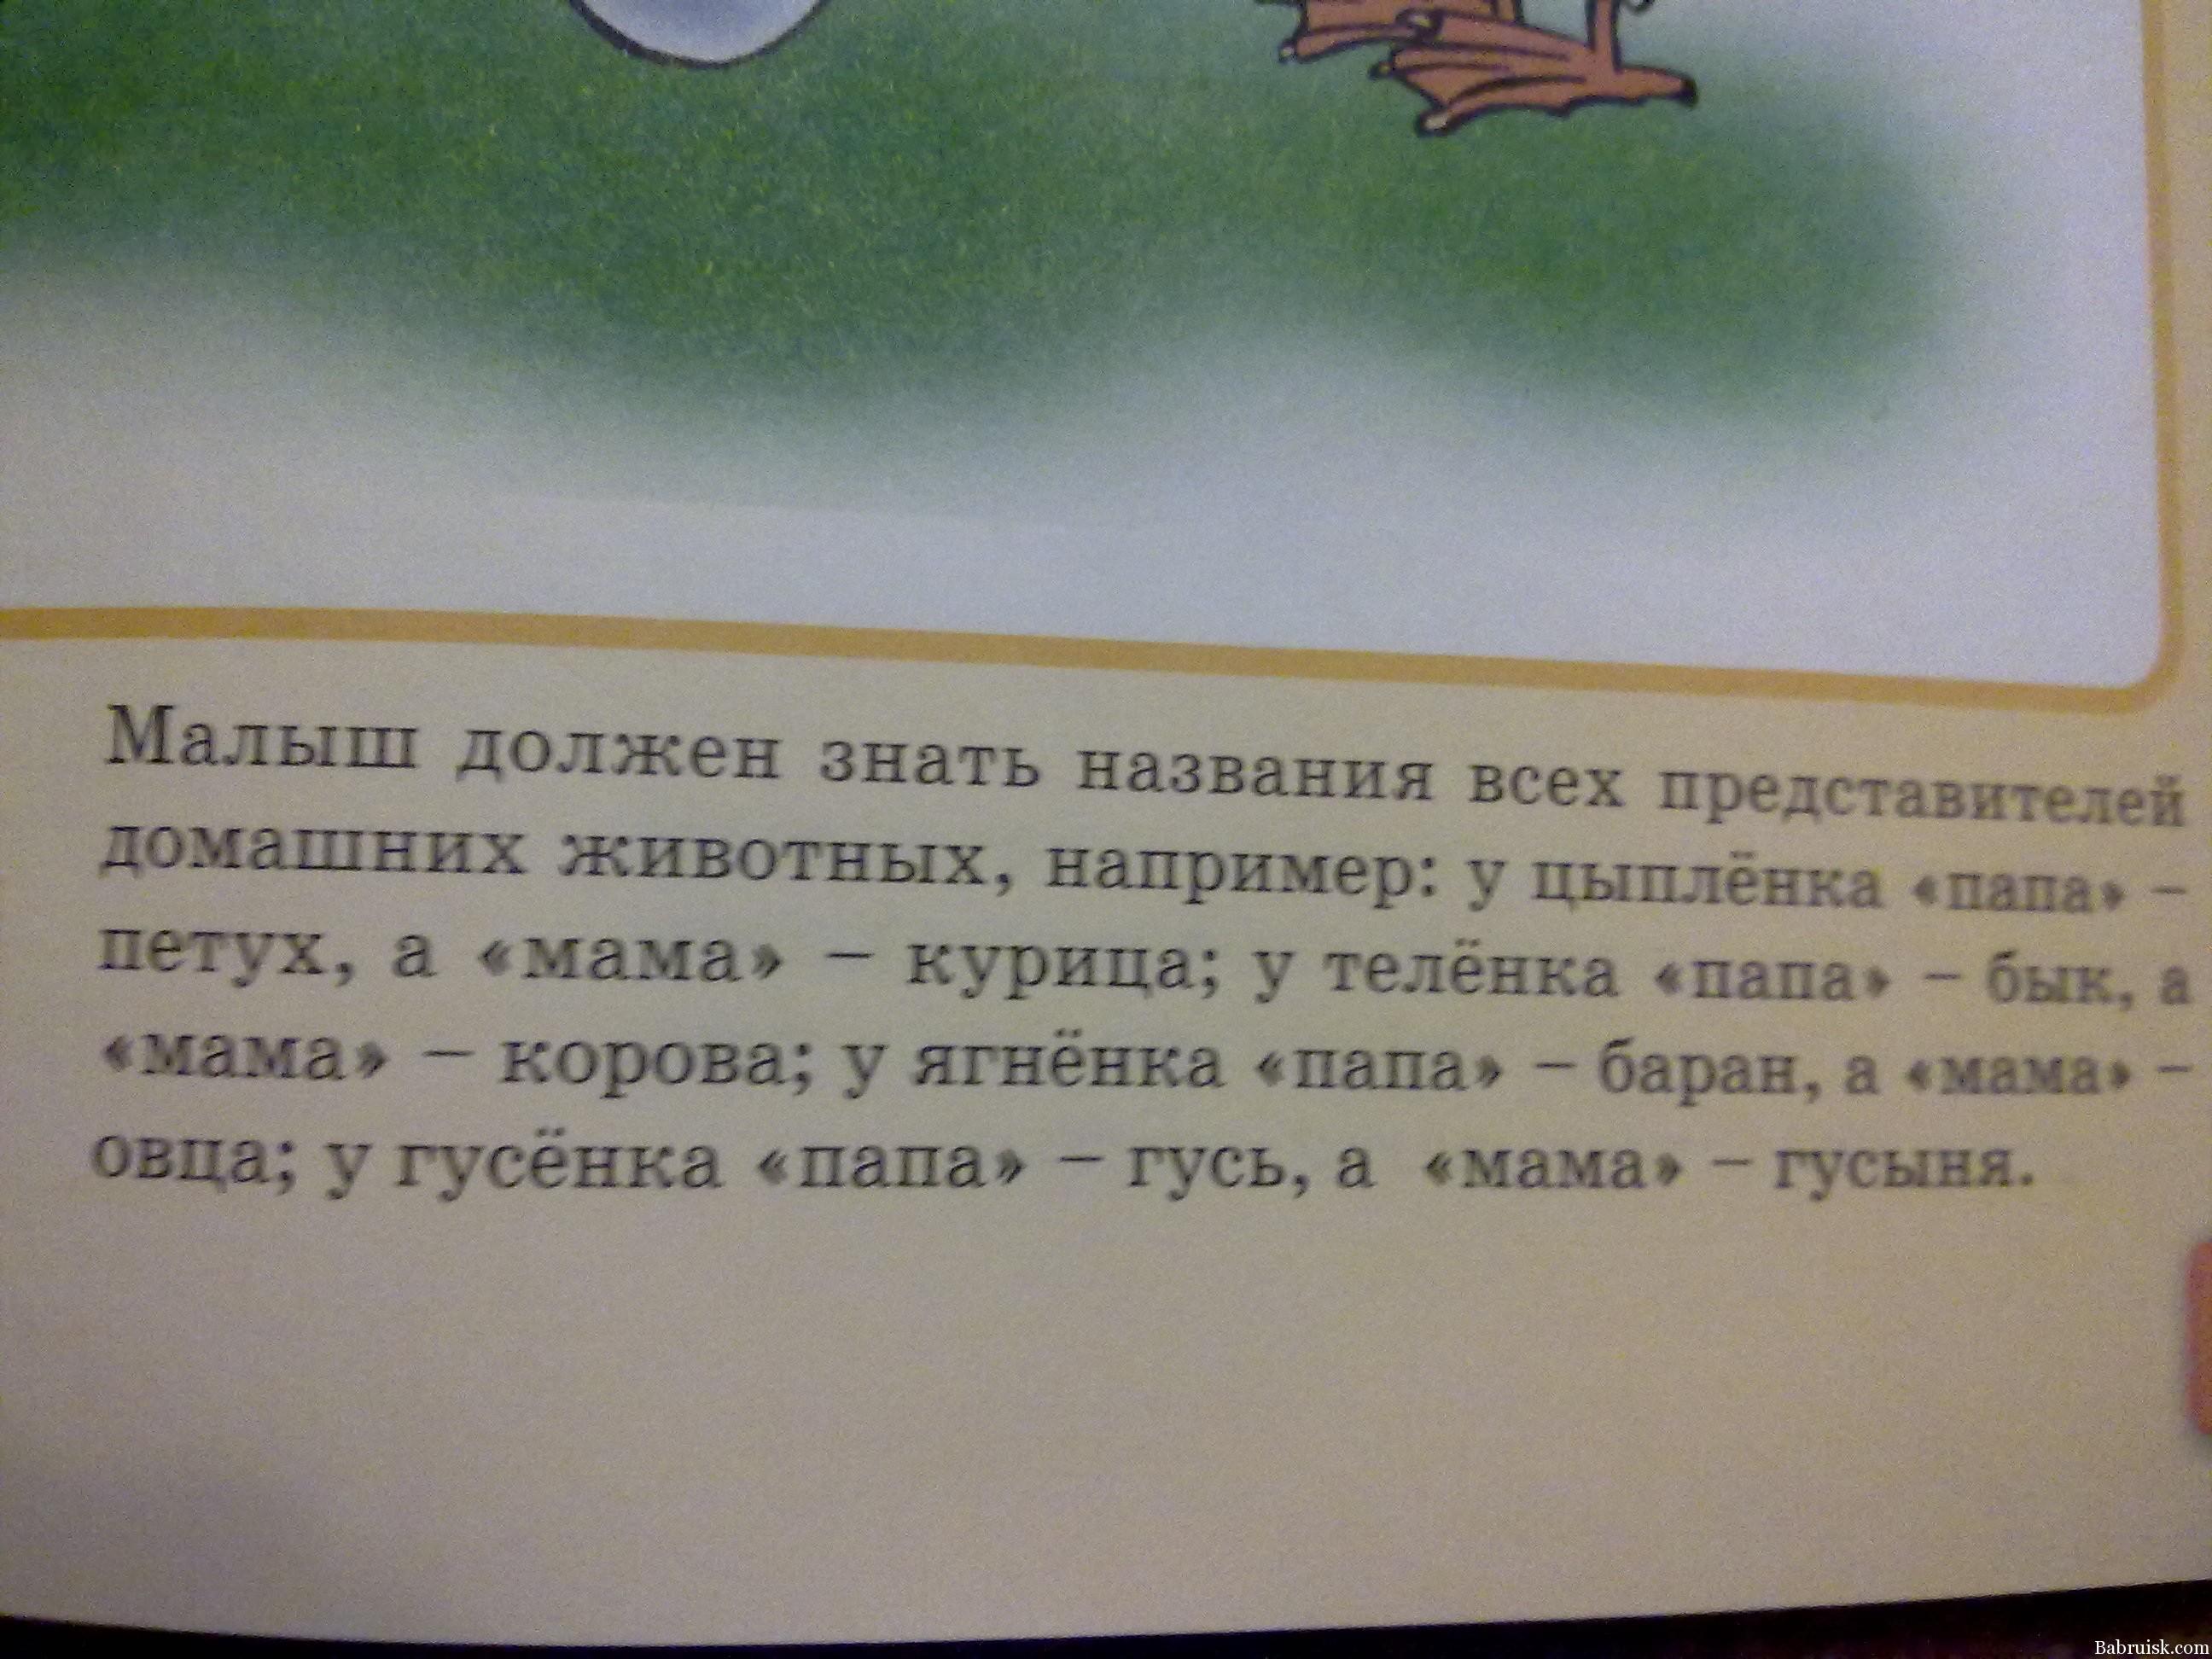 http://babruisk.com/wp-content/uploads/2012/02/09022012479.jpg